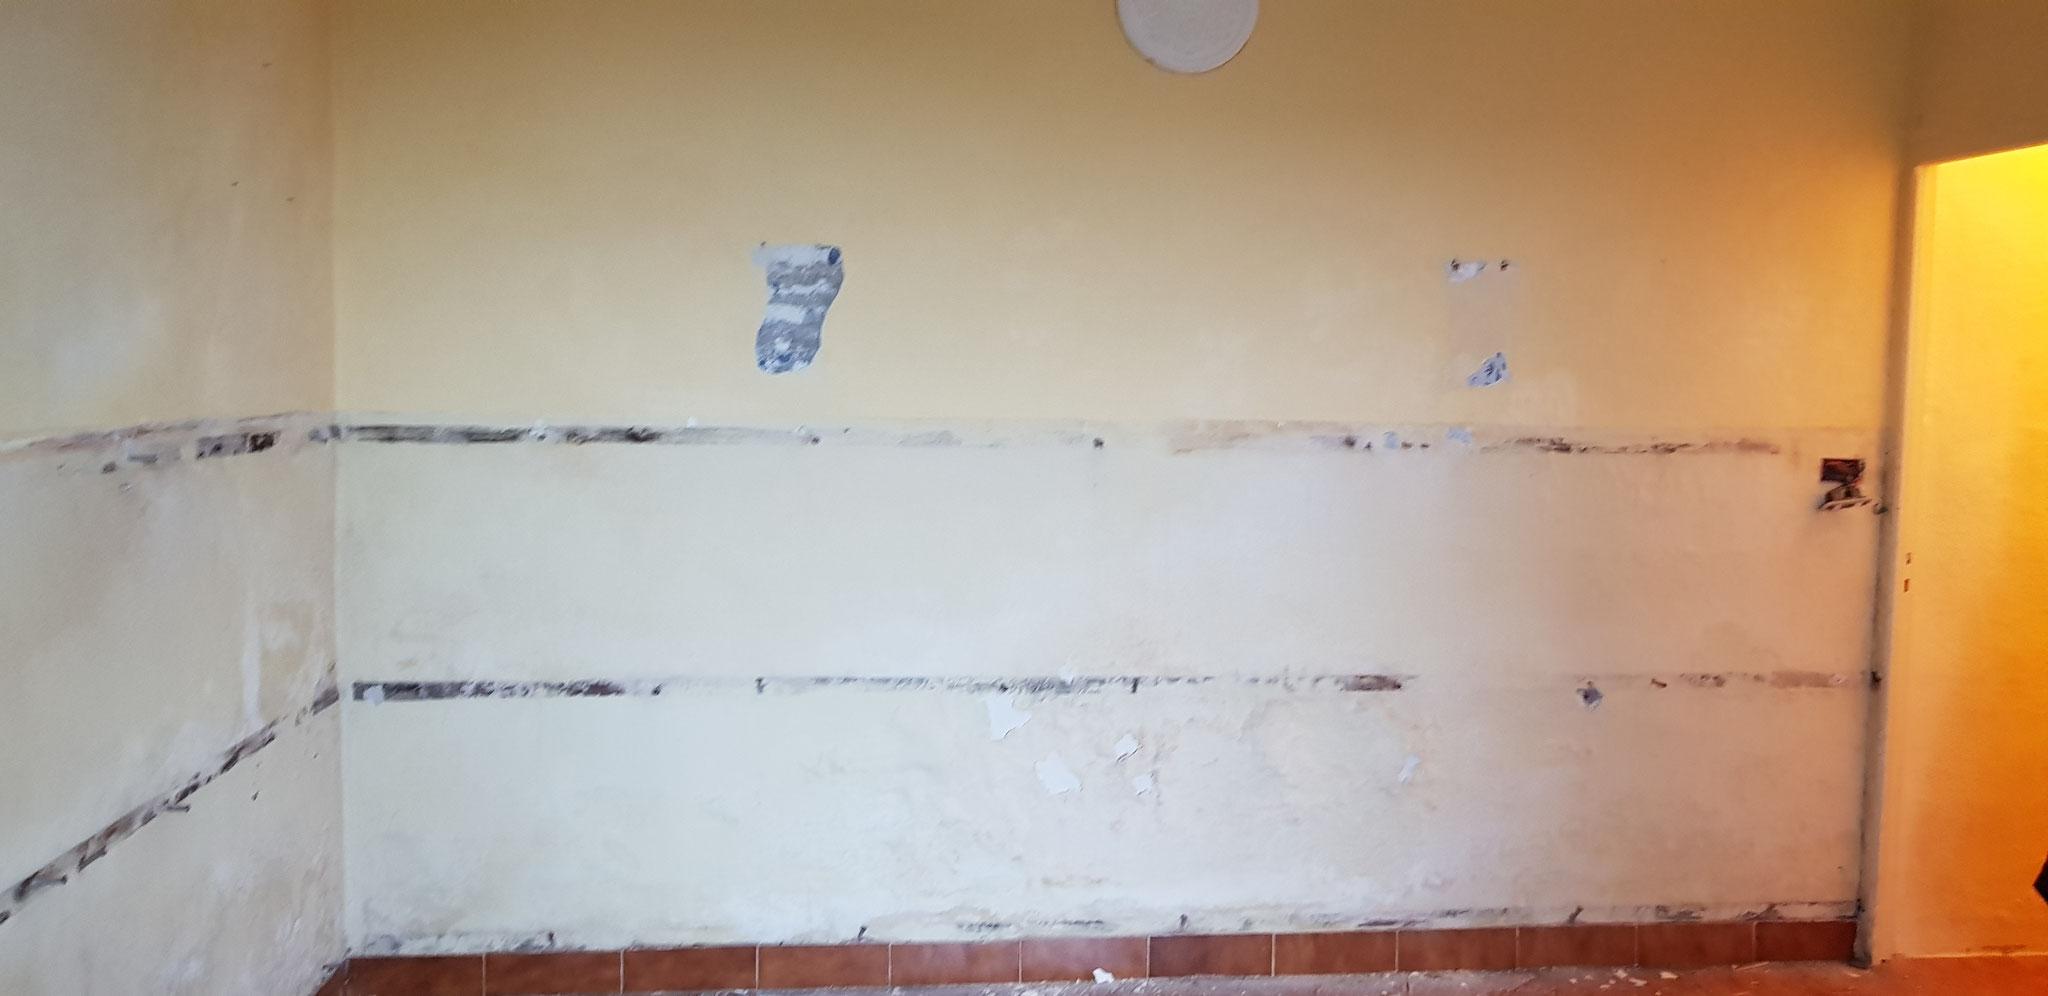 War einmal die Wandtäfelung weg, sah man die feuchten und grauen Stellen.